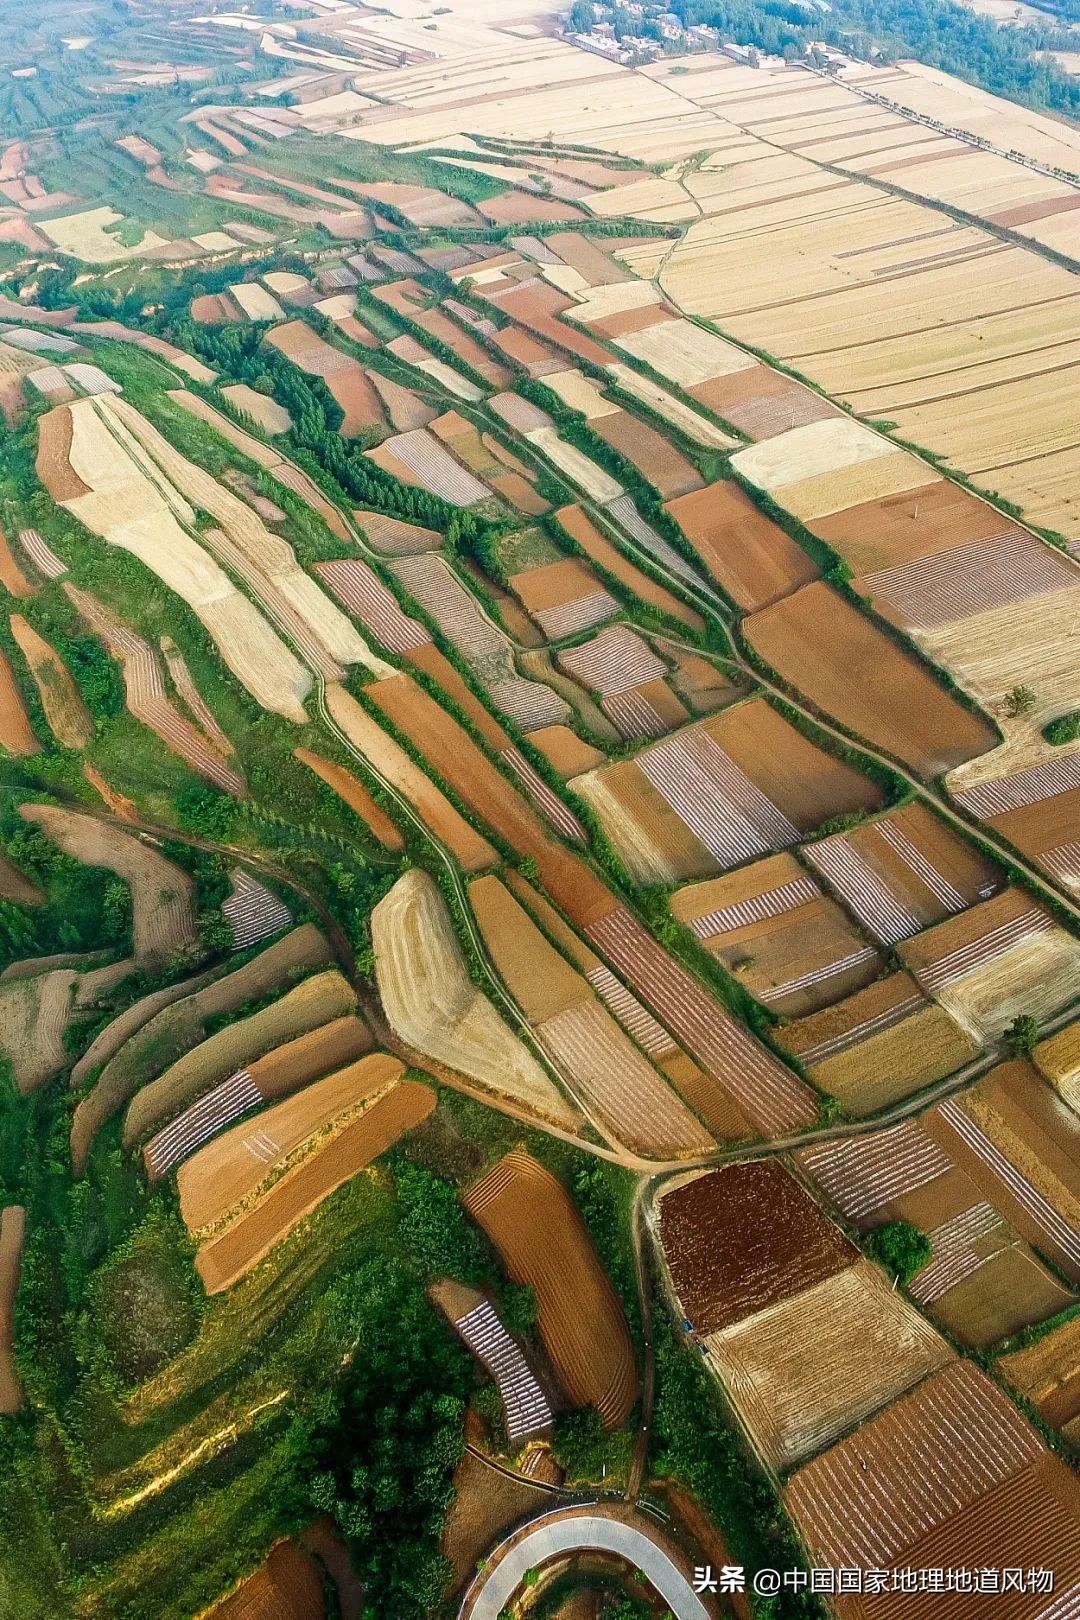 山东、河南、江苏、黑龙江…谁才是中国第一粮仓?